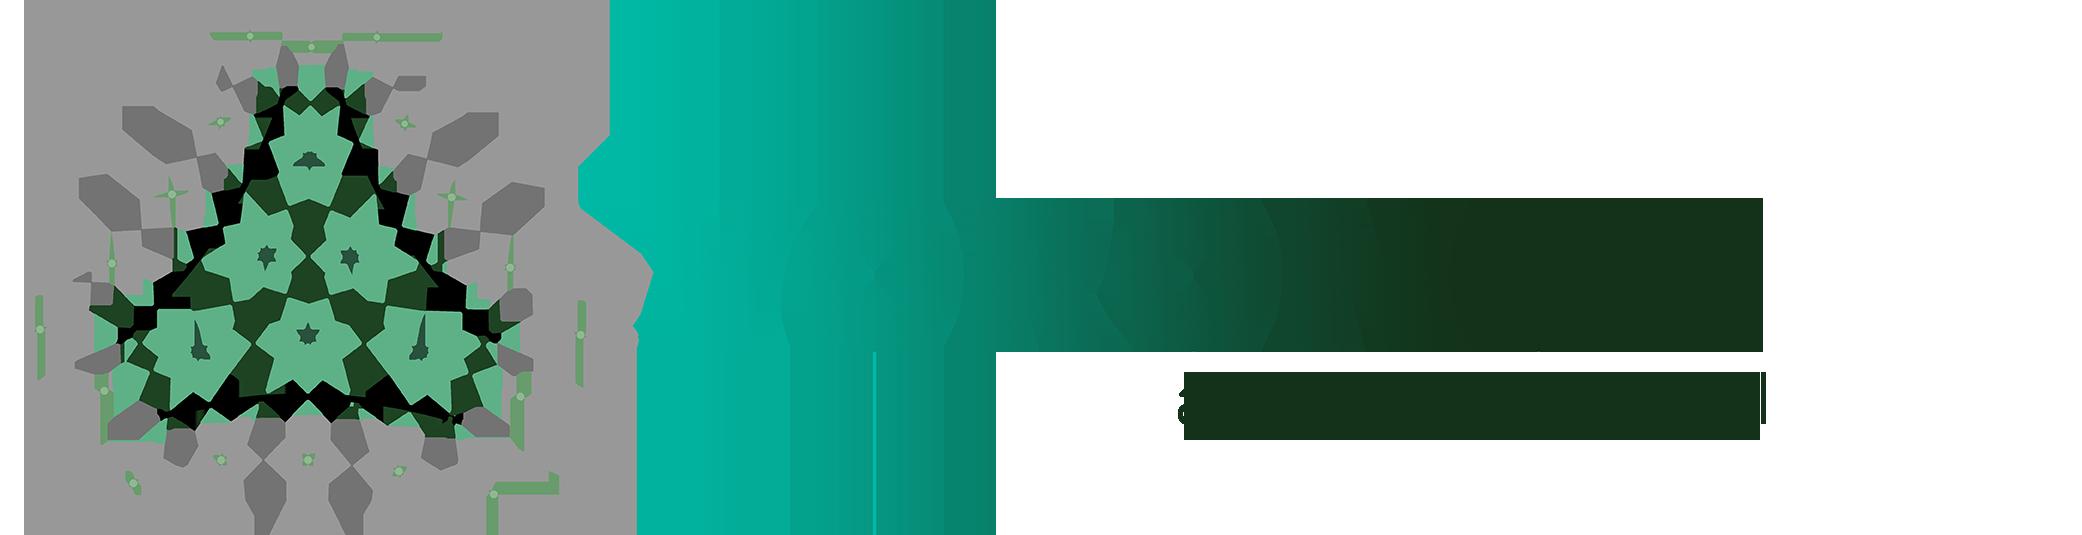 VORONOY · Estudio de arquitectura especializado en bioconstrucción, passivhaus, permacultura y diseños sostenibles